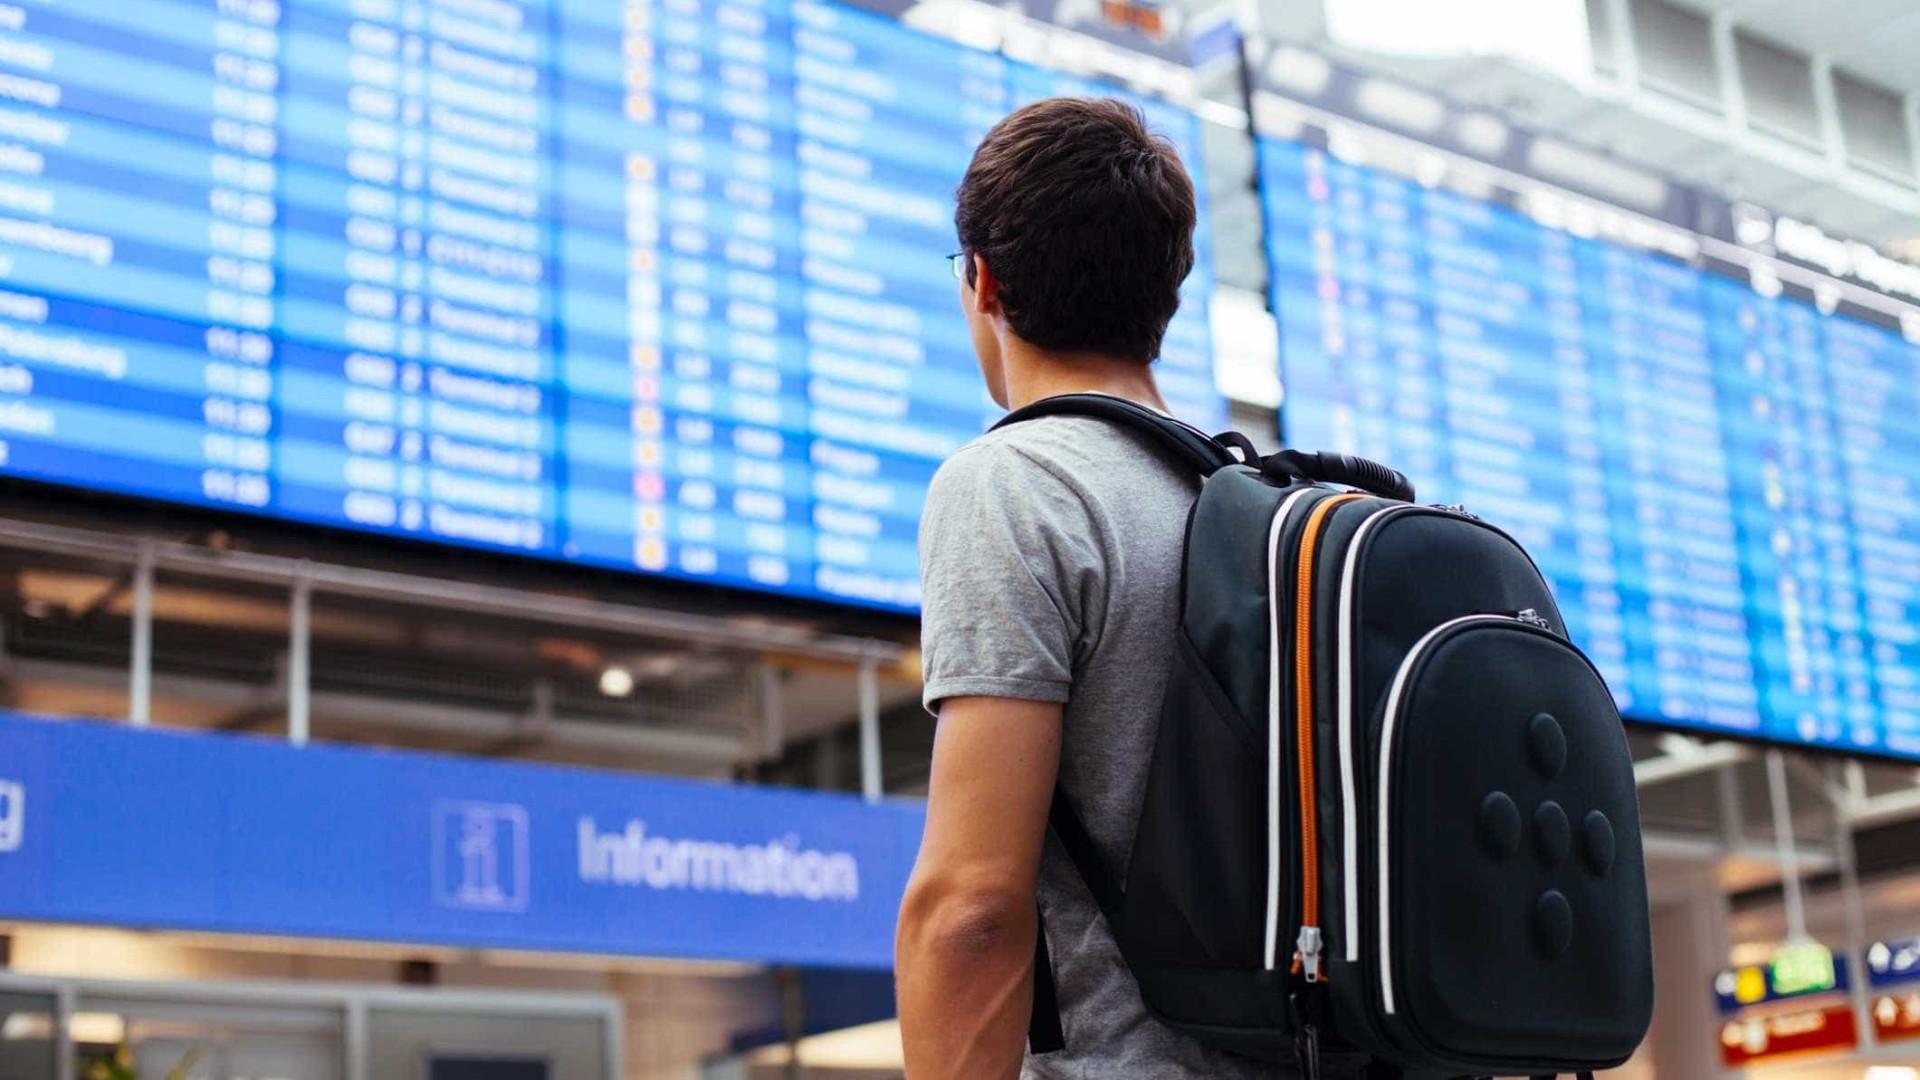 As viagens de avião serão menos stressantes graças ao Google